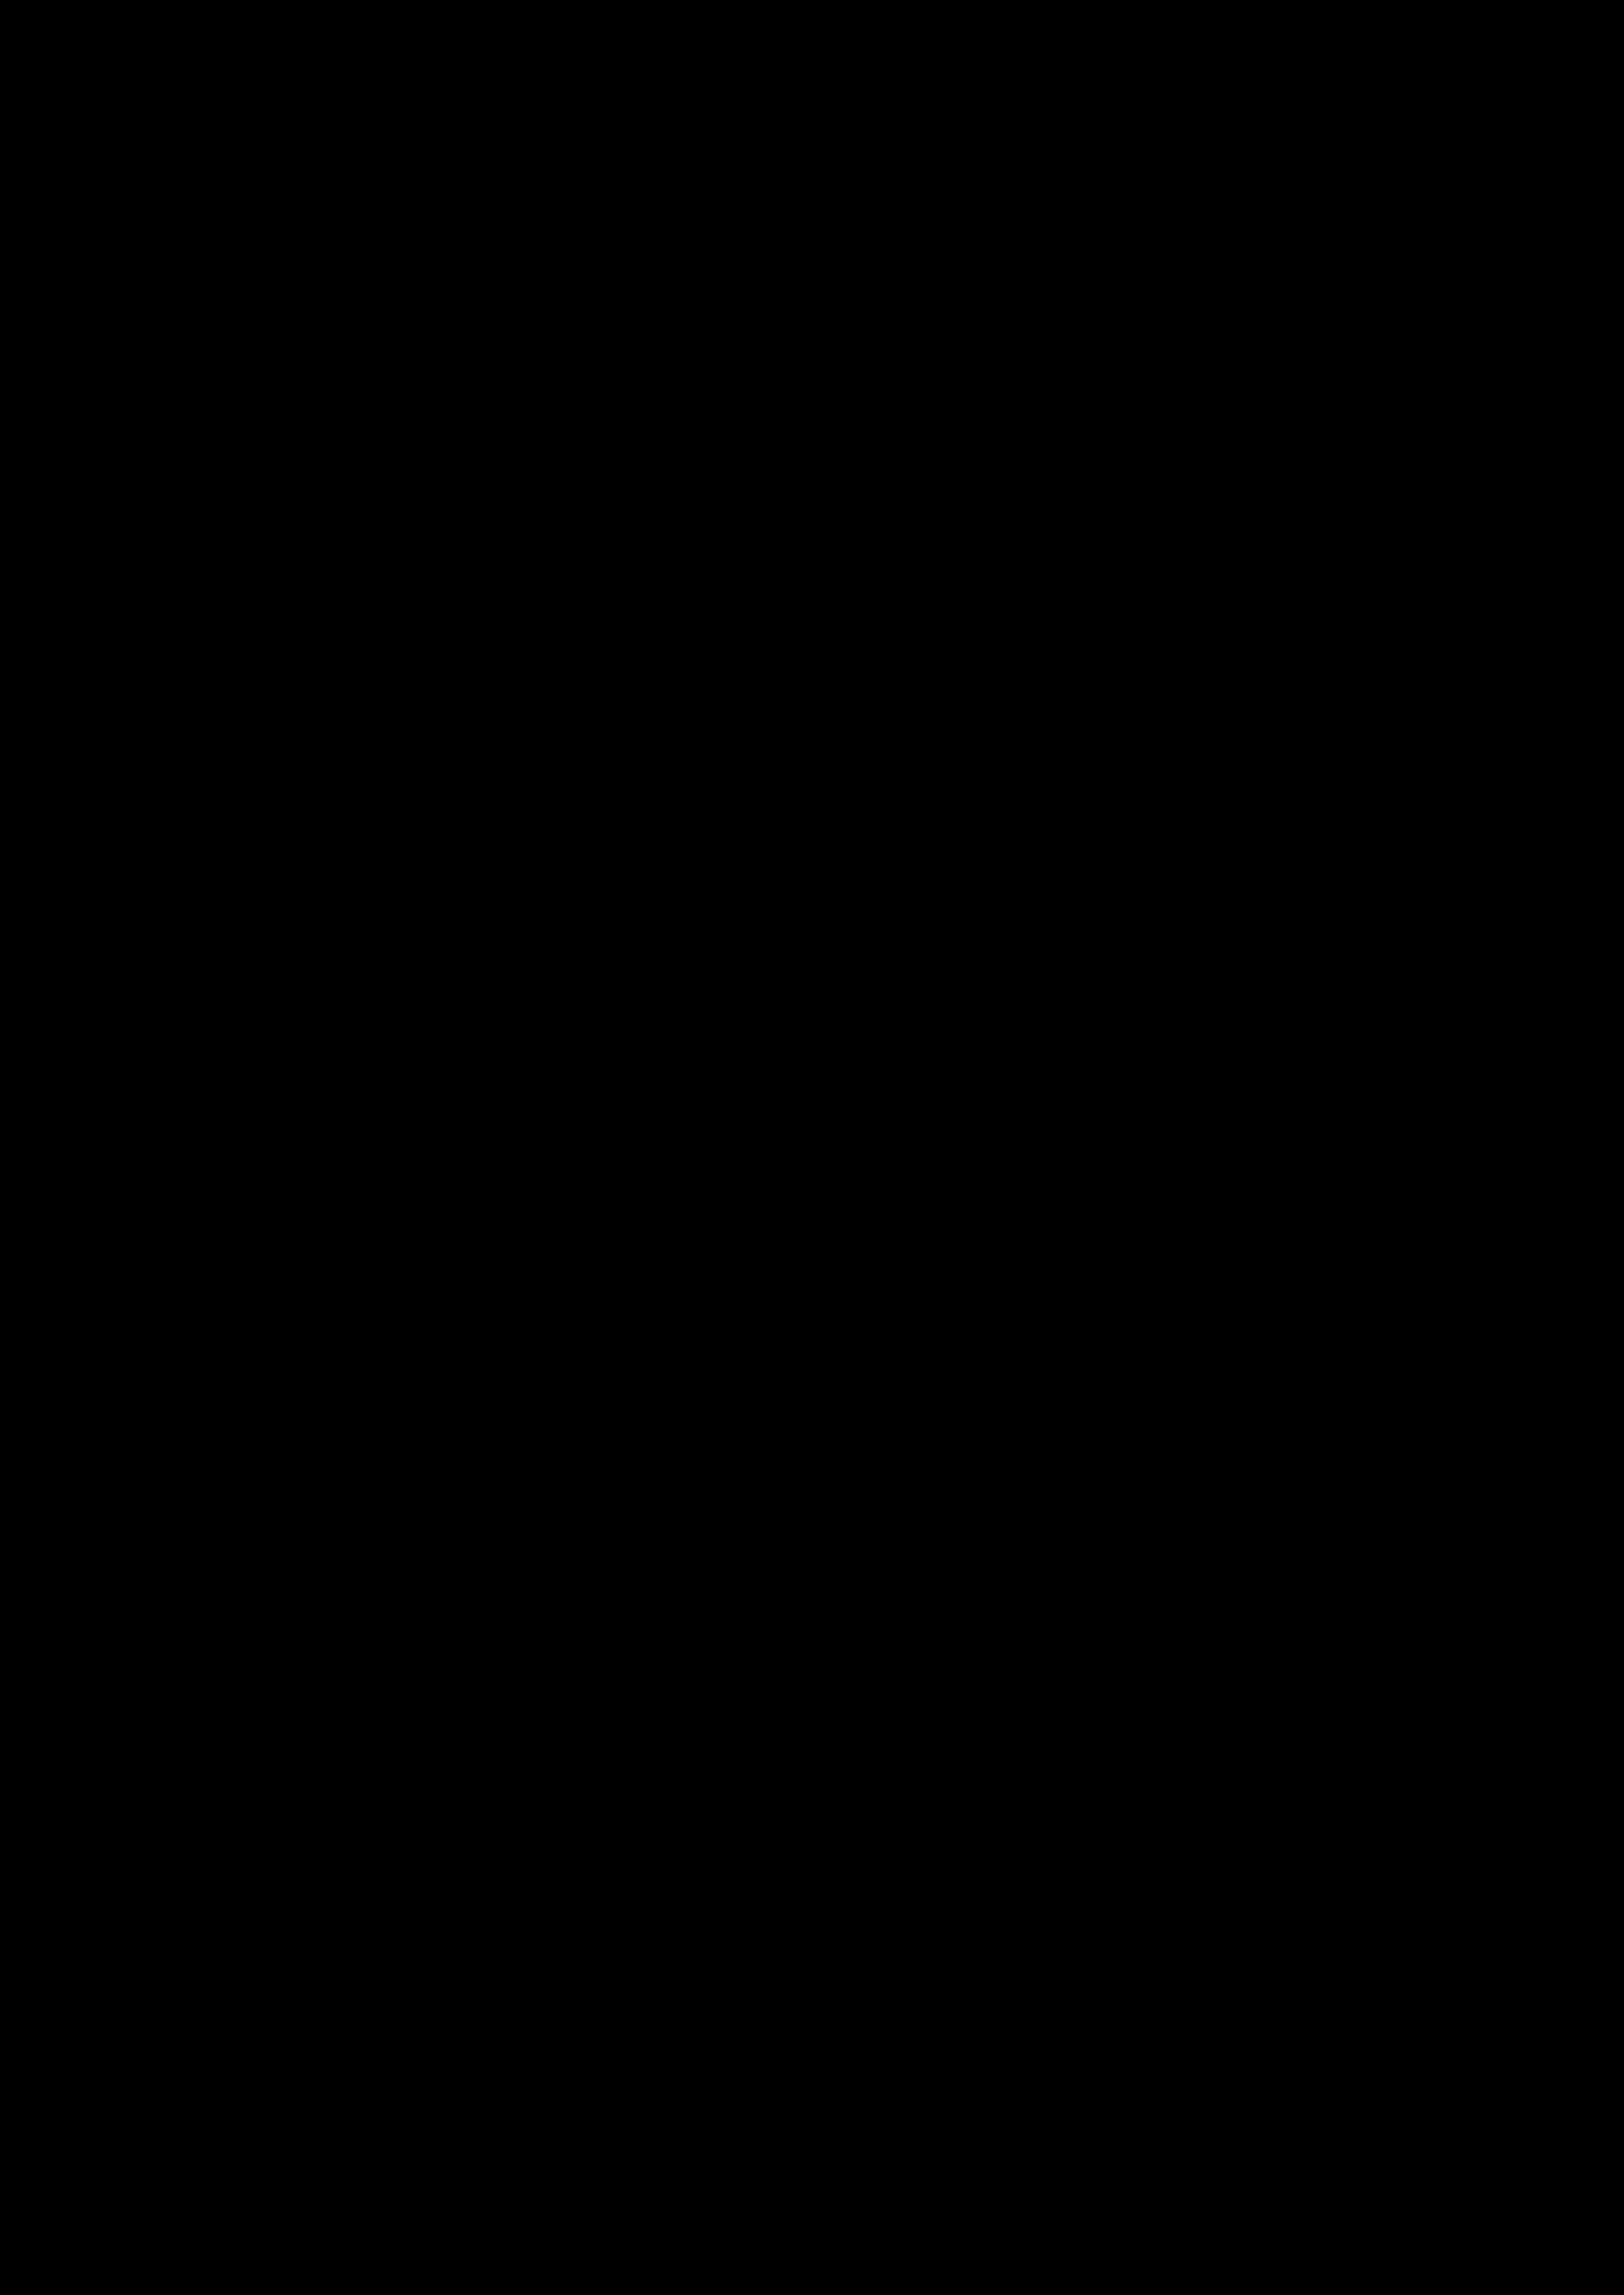 Plakat informujący mieszkańców o platformie nacoidamojepieniadze.pl